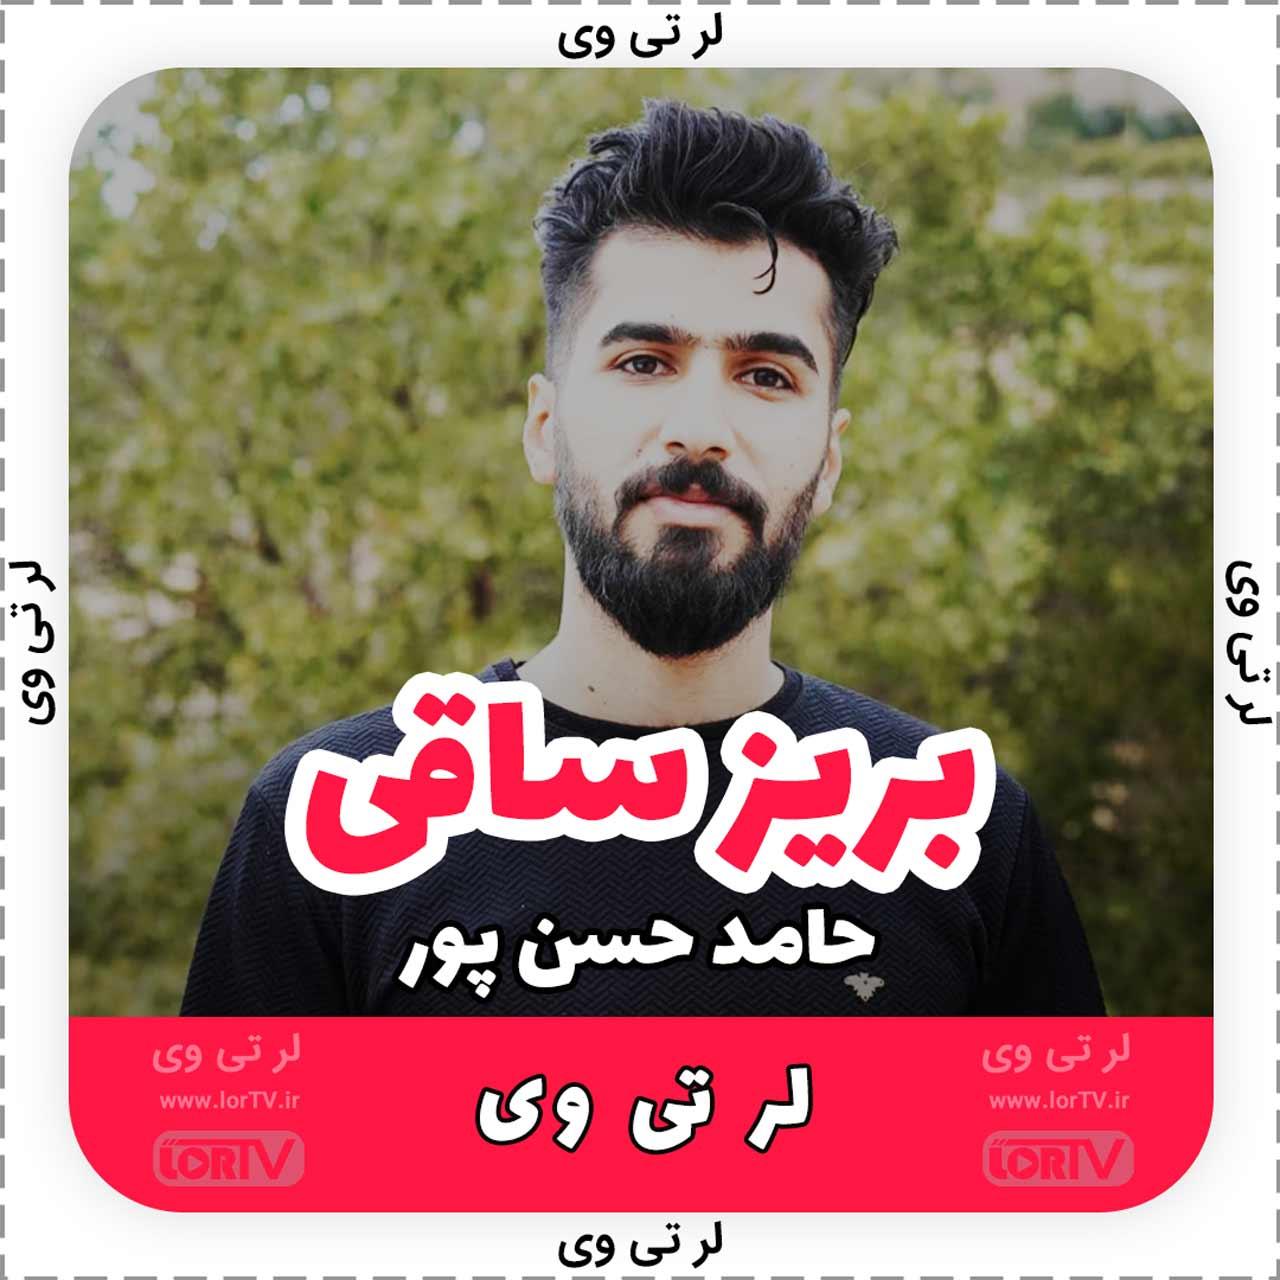 حامد حسن پور بریز ساقی